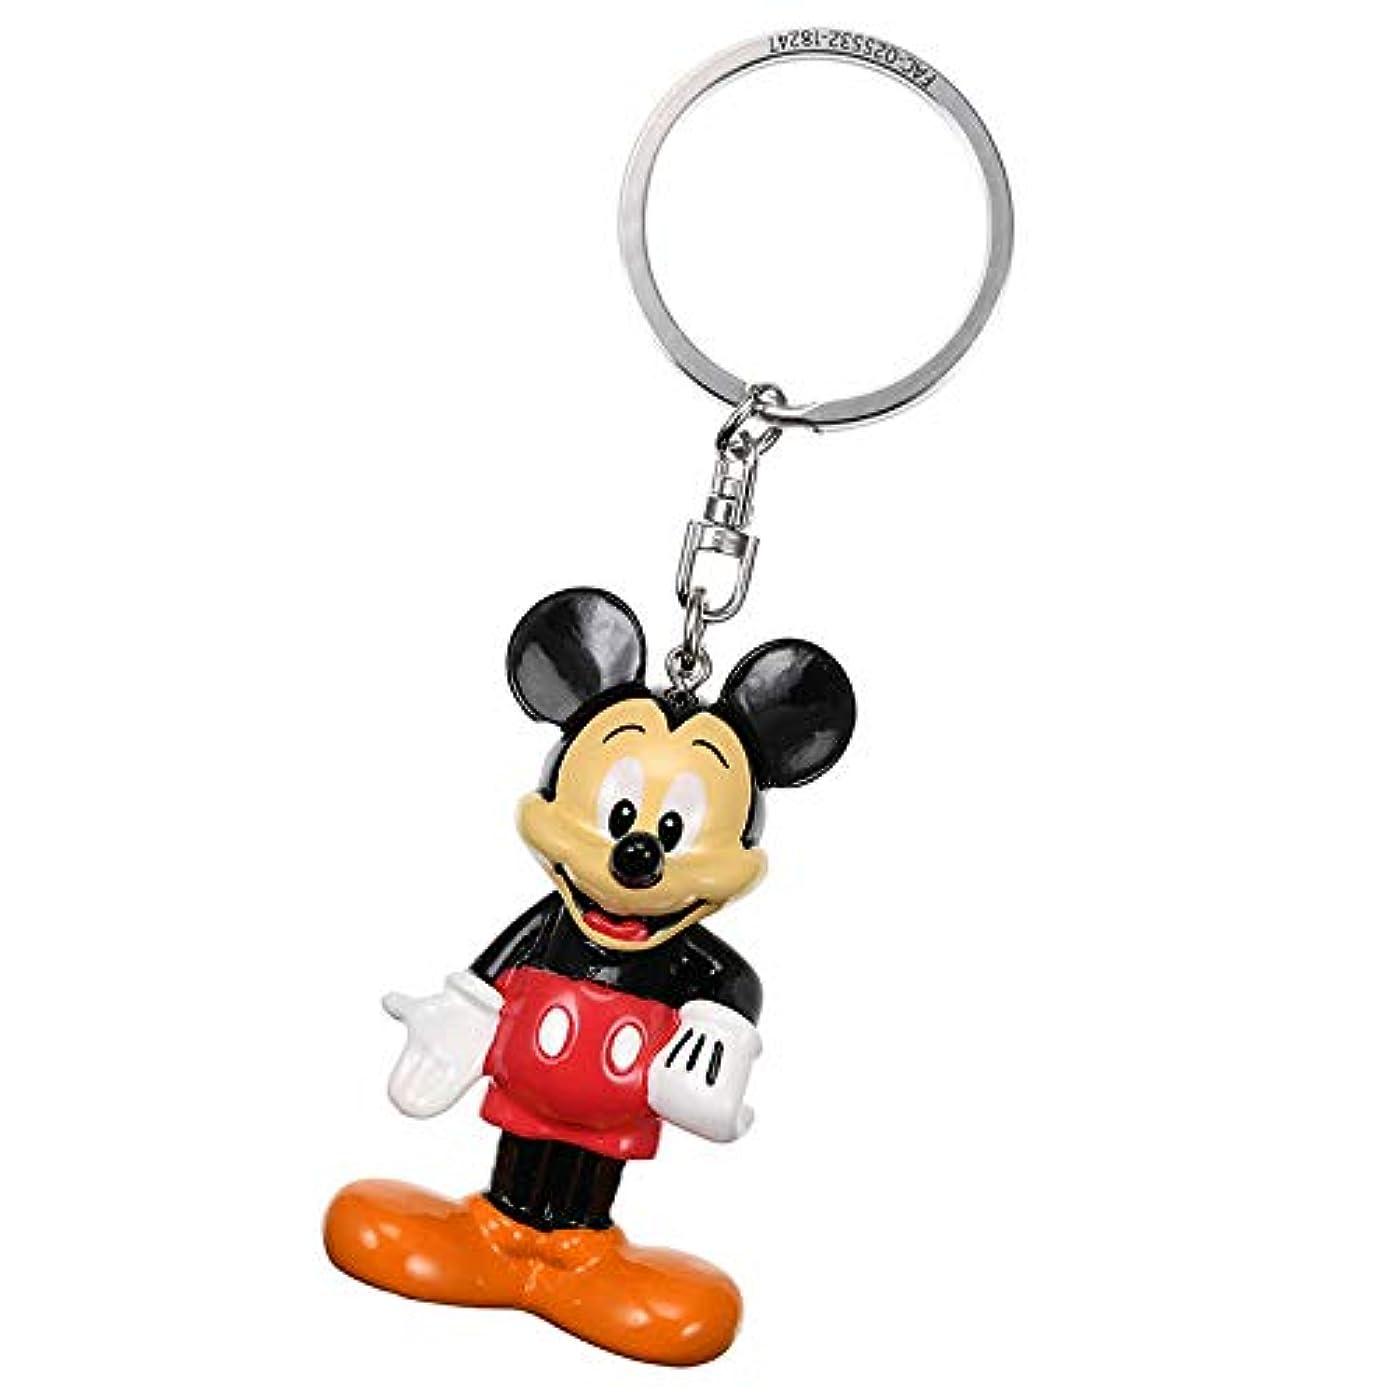 特性専門家主ディズニーストア(公式)キーホルダー?キーチェーン ミッキー Mickey Mouse 90th Vintage